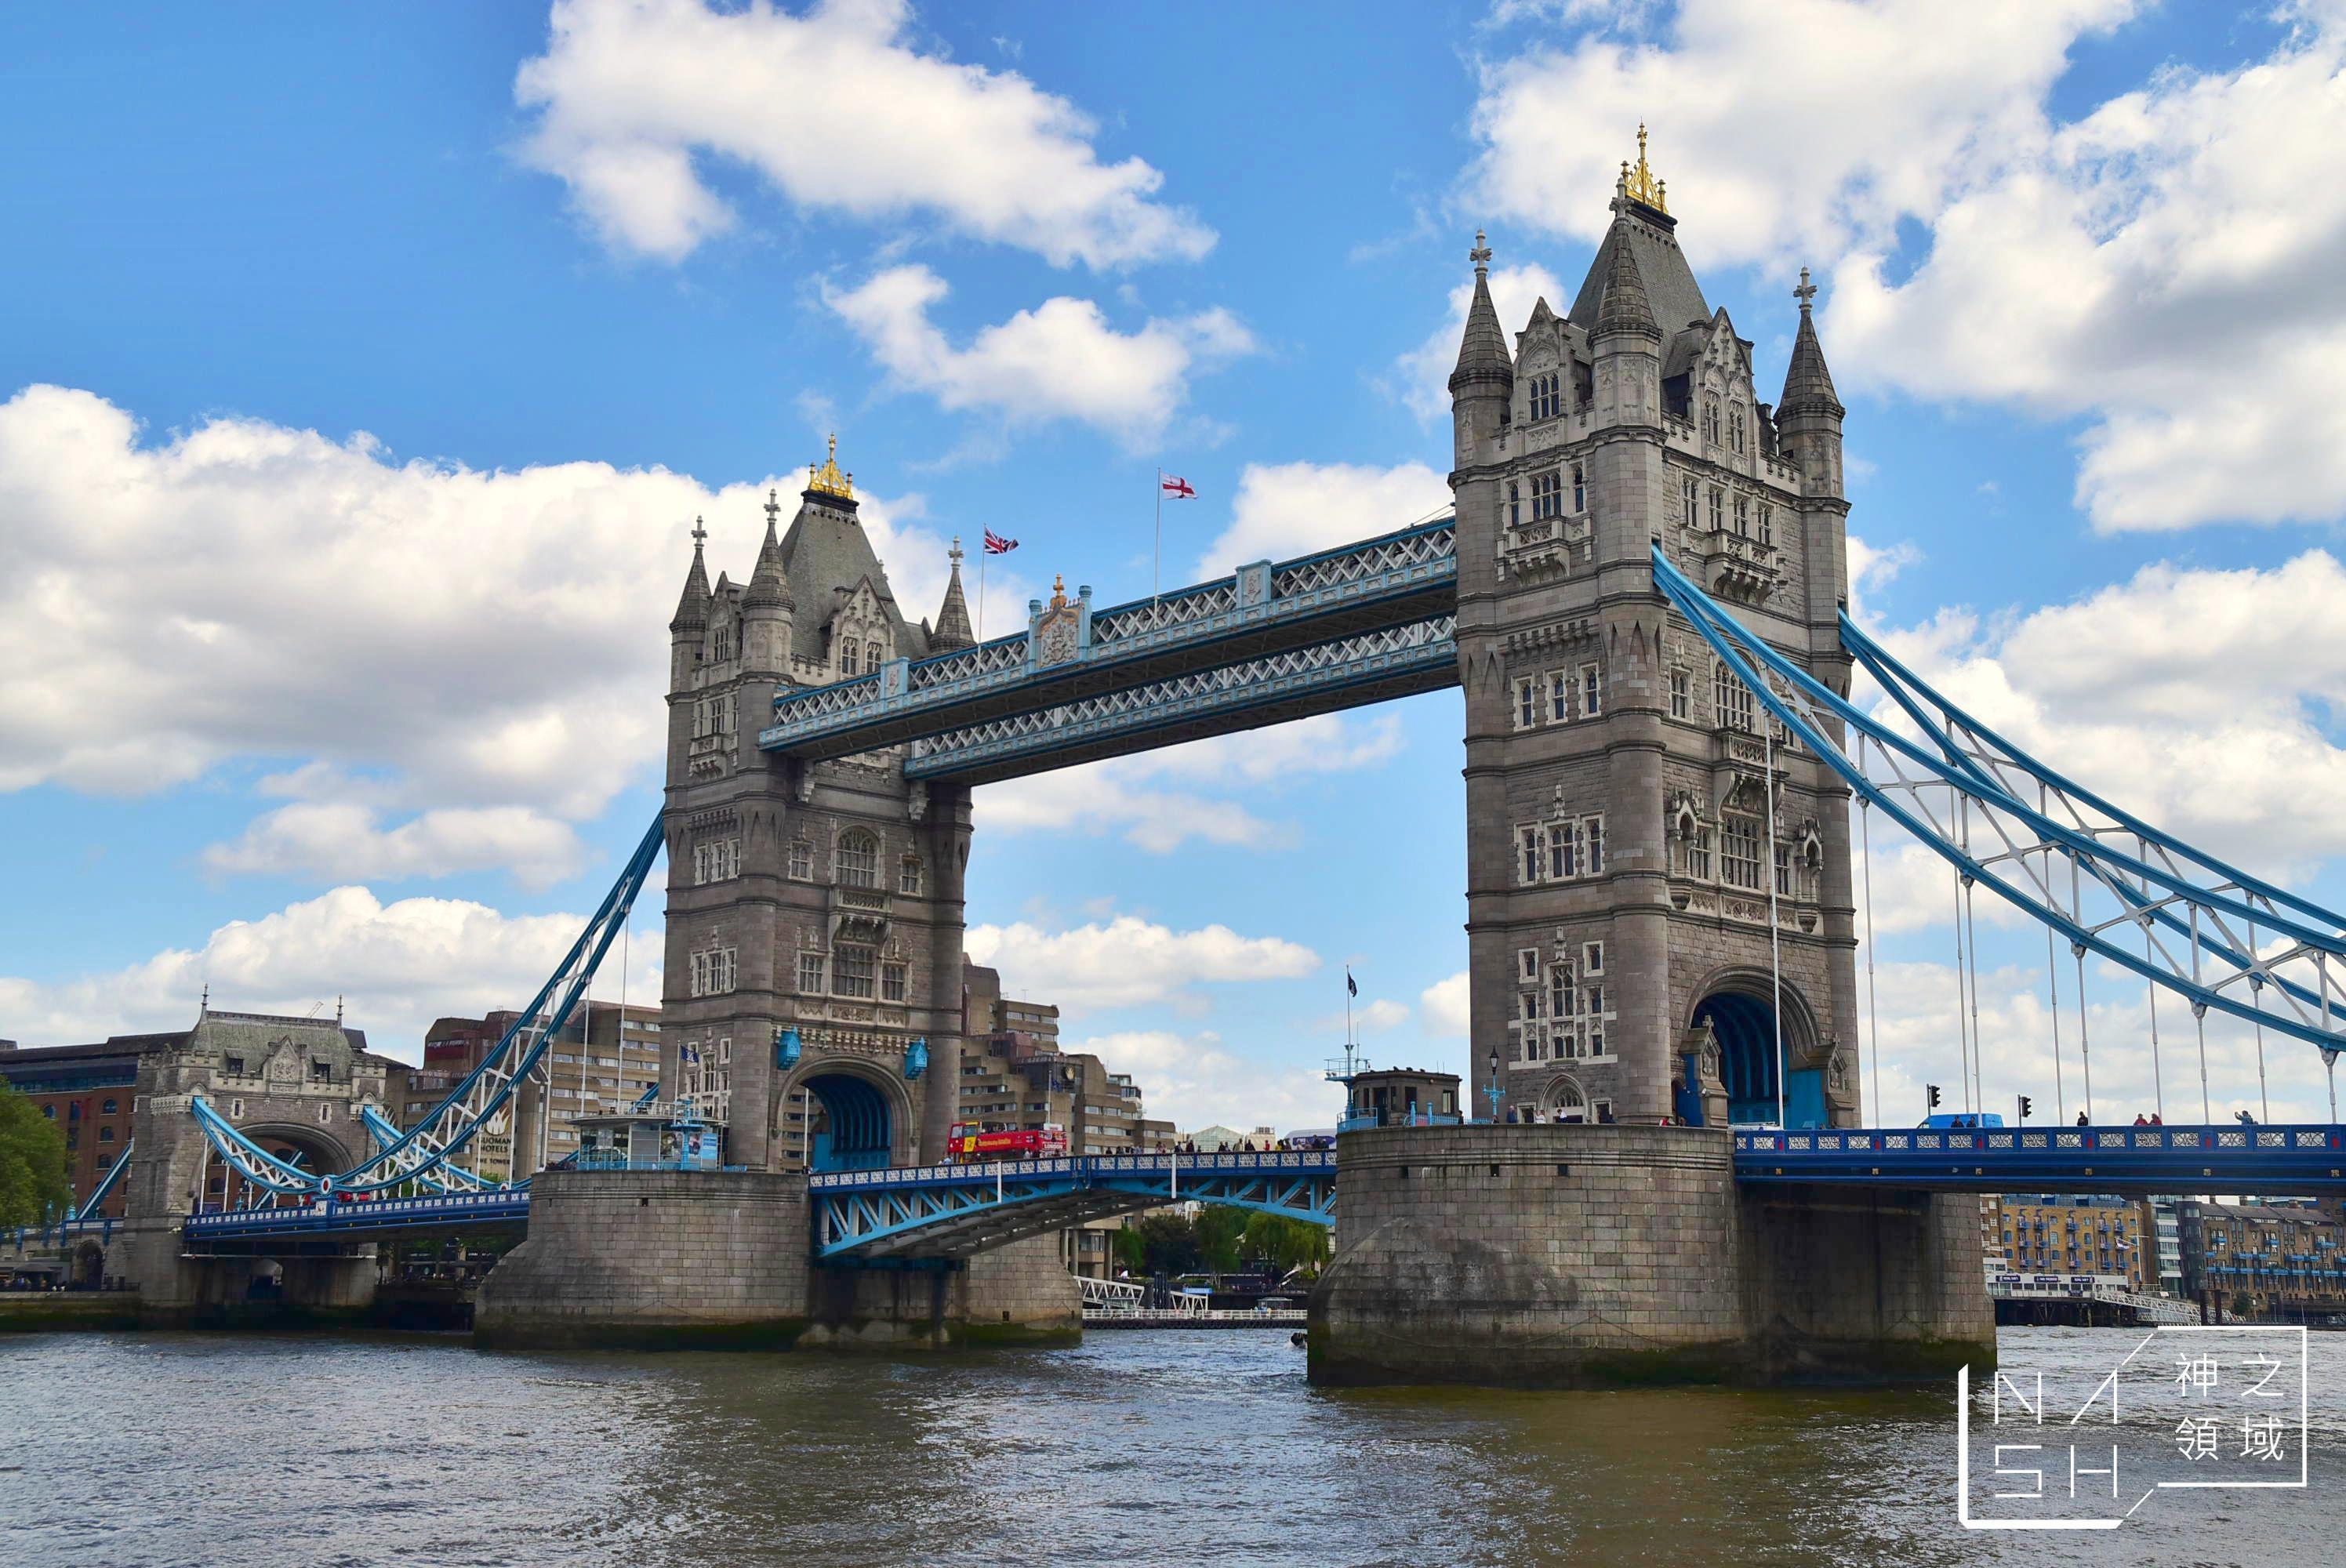 倫敦塔橋,倫敦塔,英國倫敦景點推薦 @Nash,神之領域